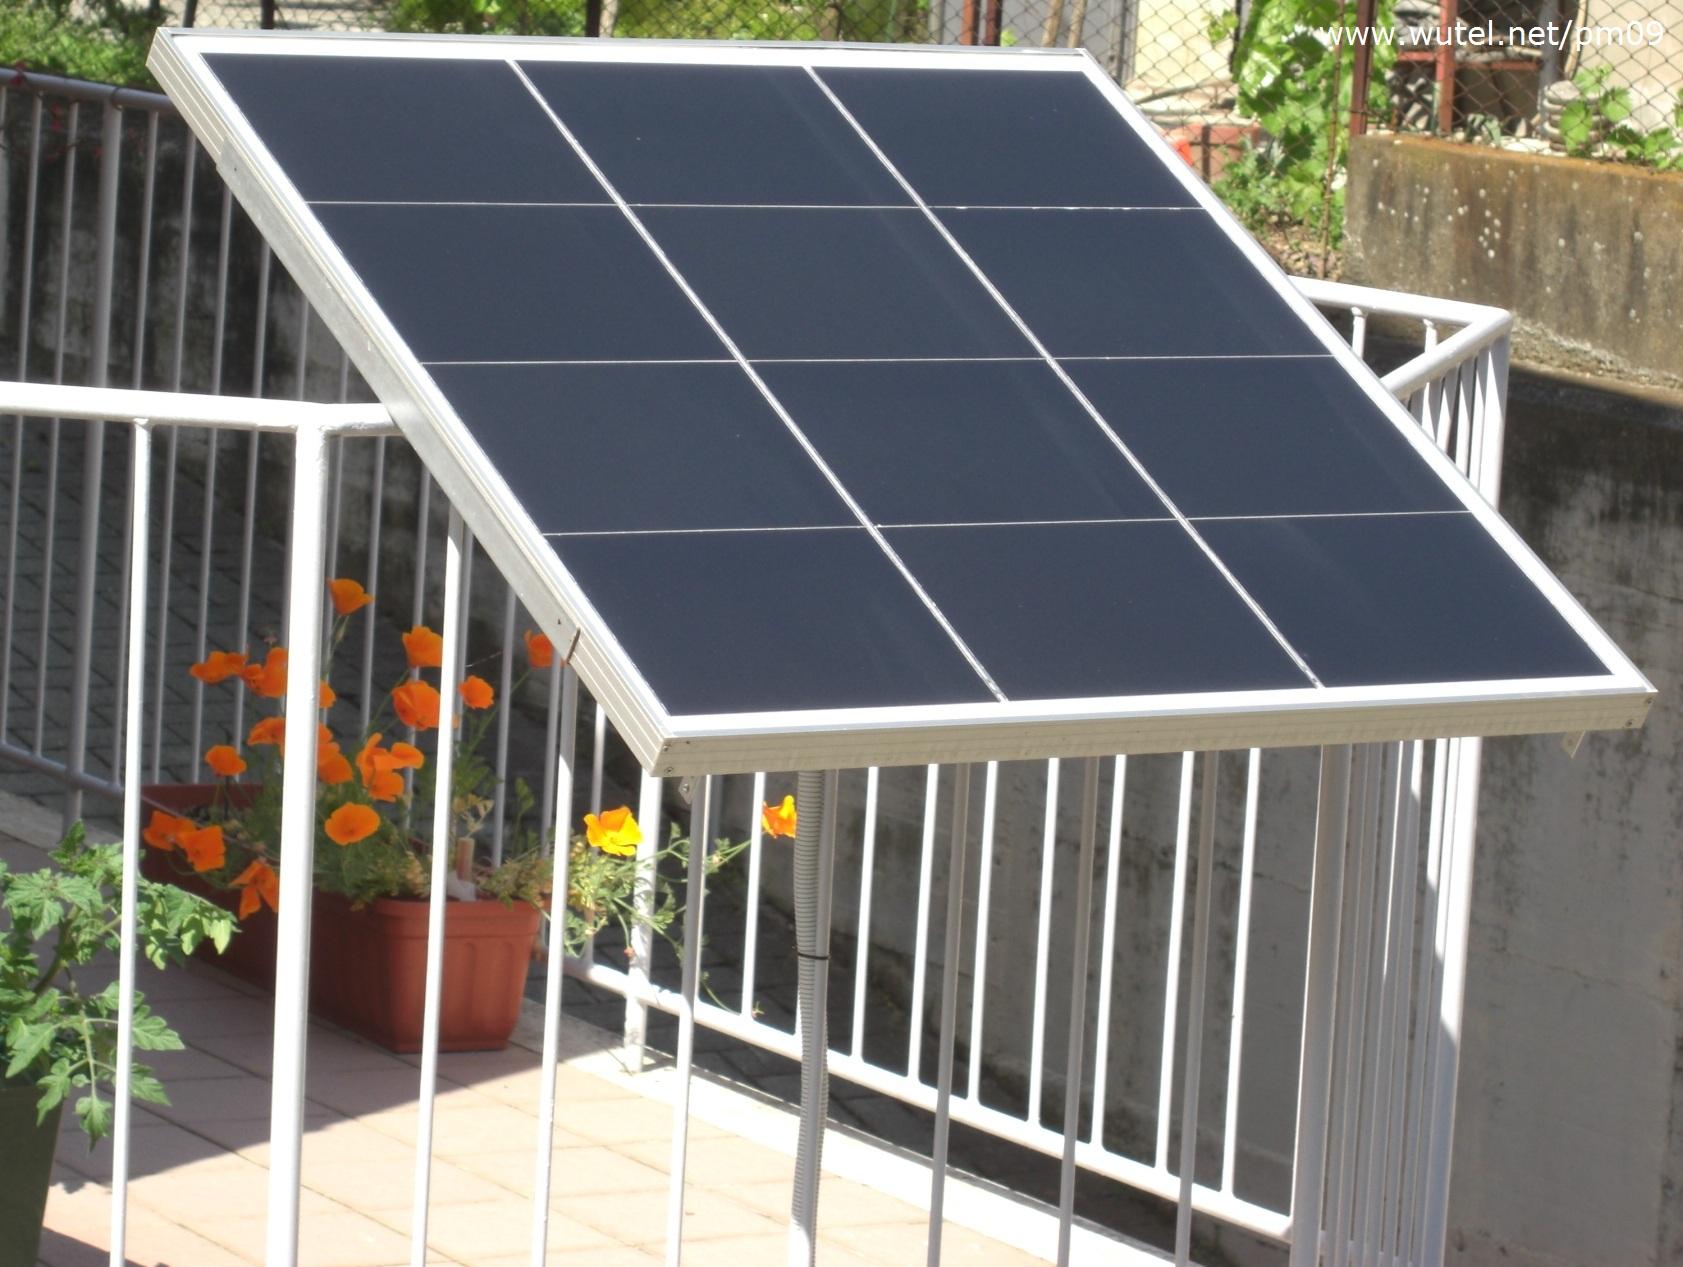 Pannello Solare Per Gazebo : Wutel sole